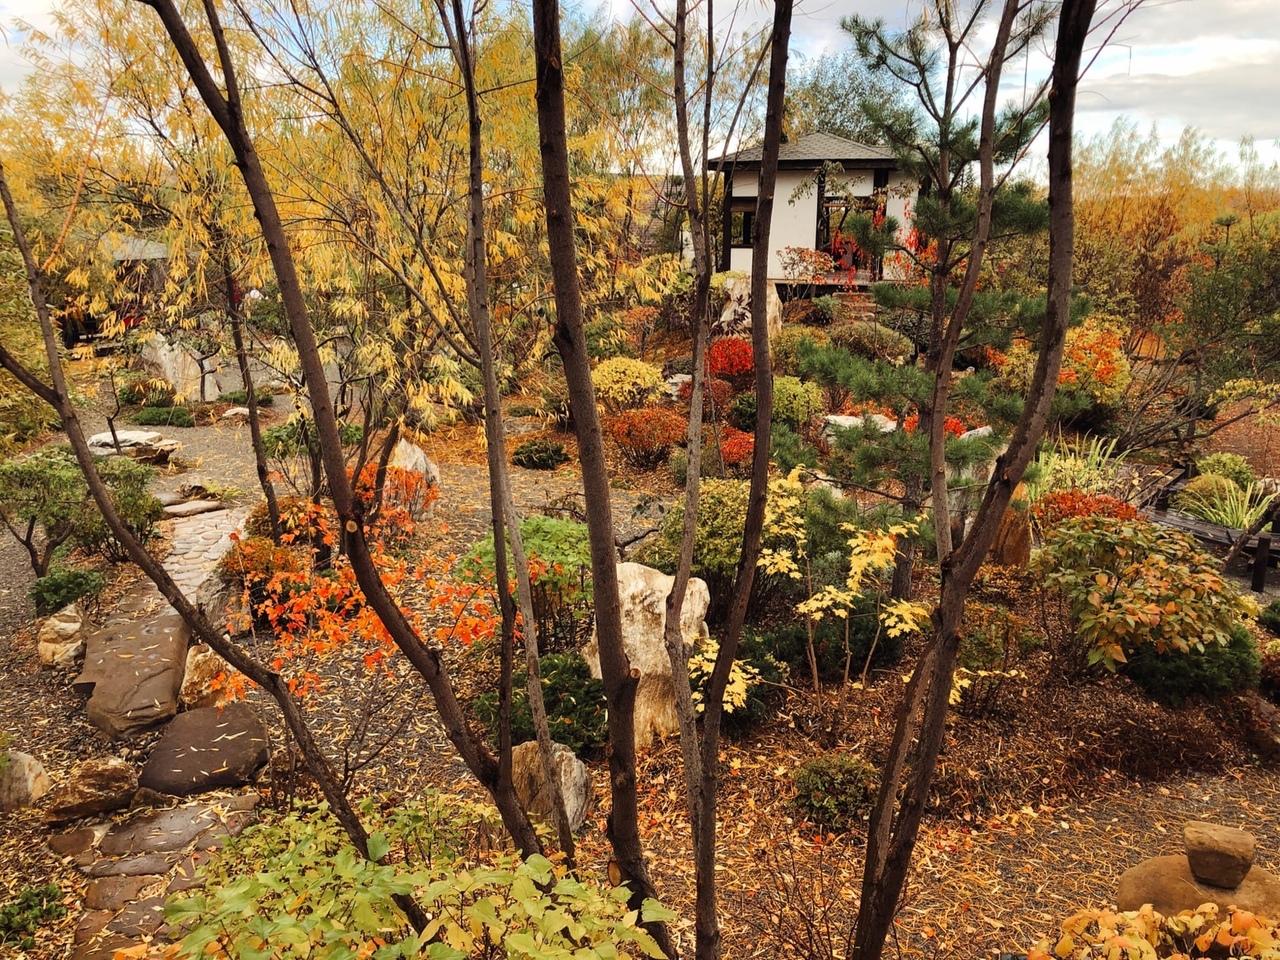 Осень в японском саду обворожительна